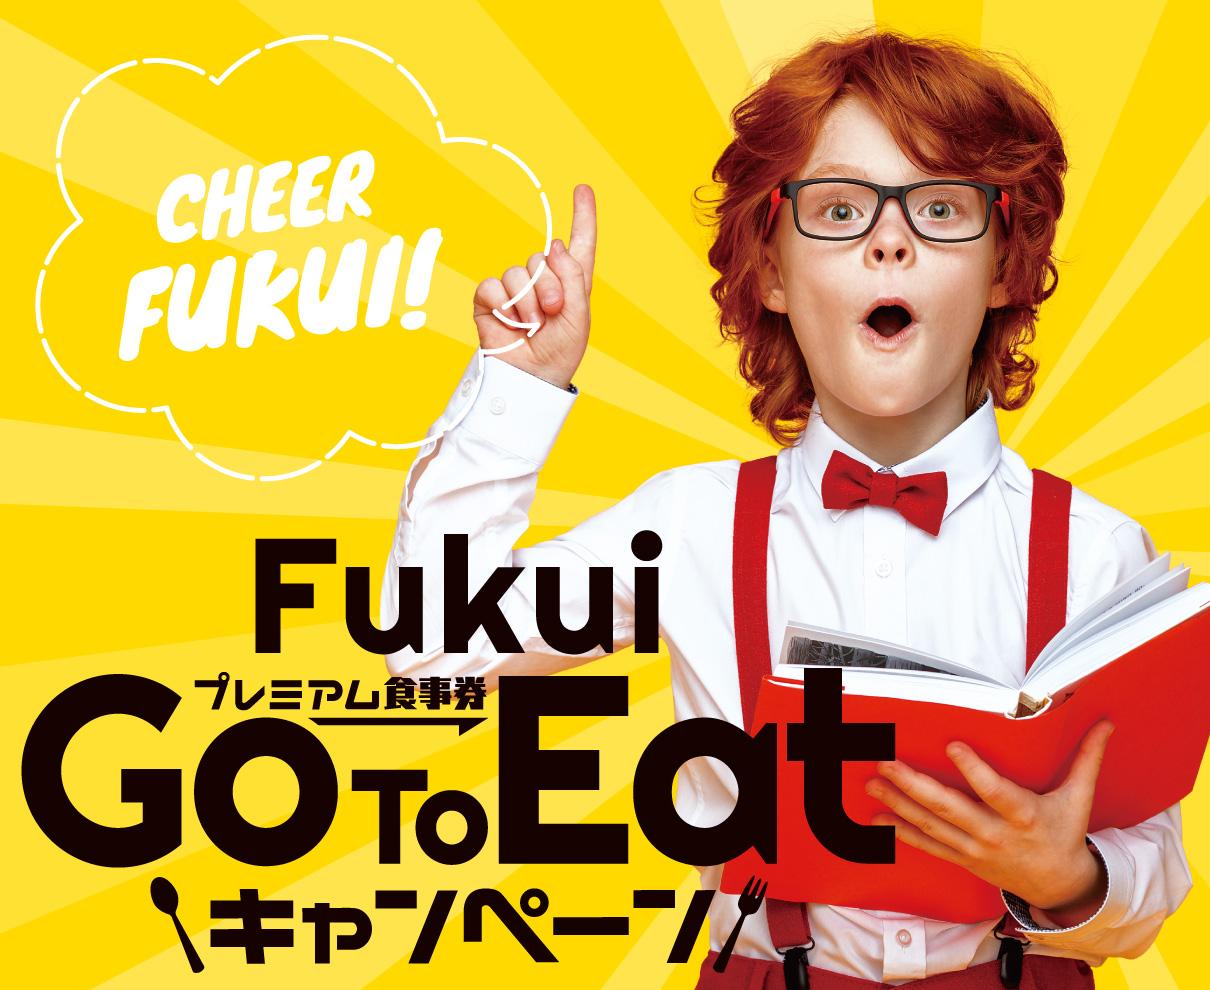 まだまだ続くよ! 販売申込期間は4月30日まで。『福井県GoToEatキャンペーン』